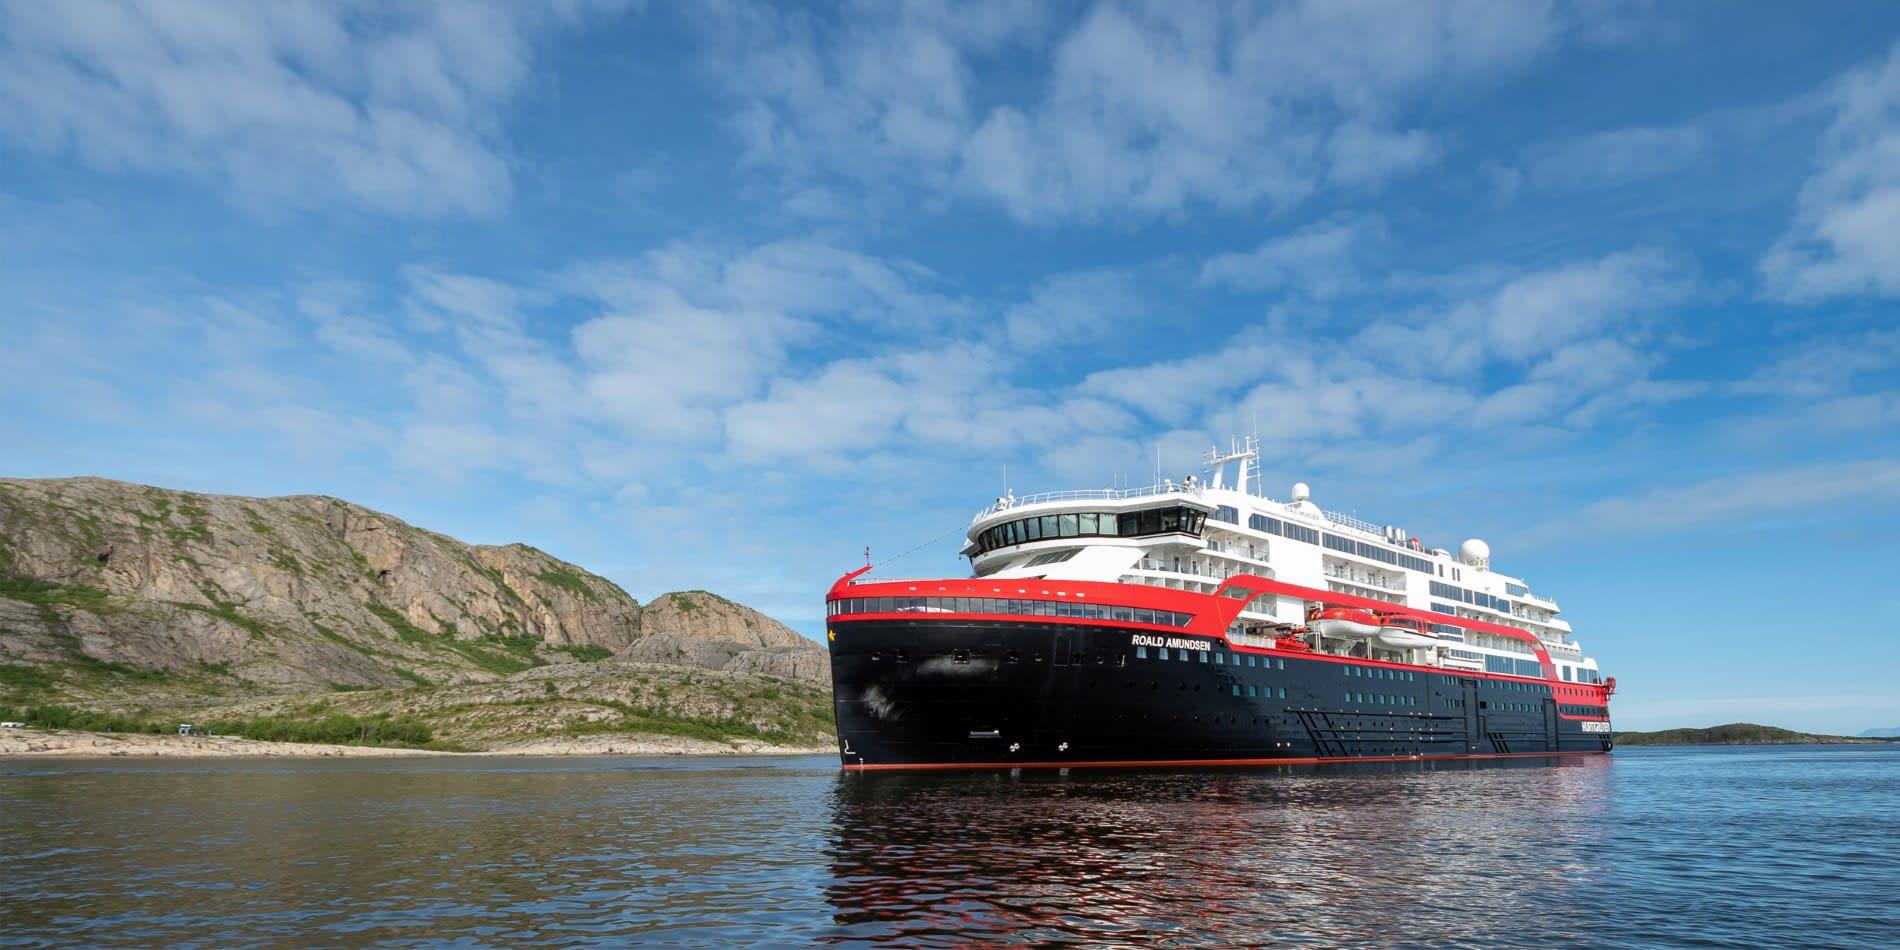 フッティルーテンの最新船ロアール・アムンセン、受け渡し完了